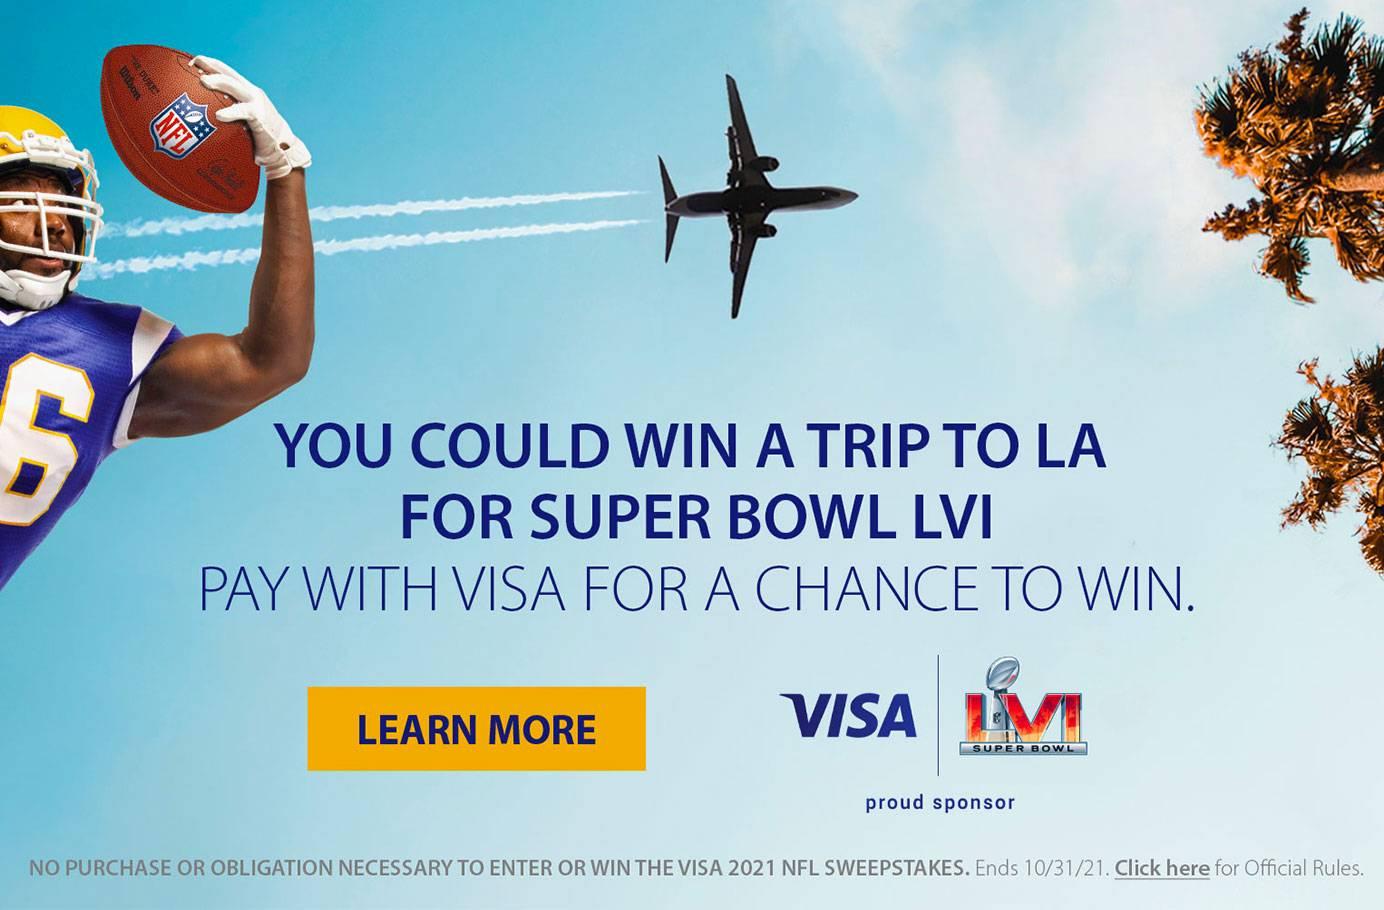 VISA (r) NFL Promotion